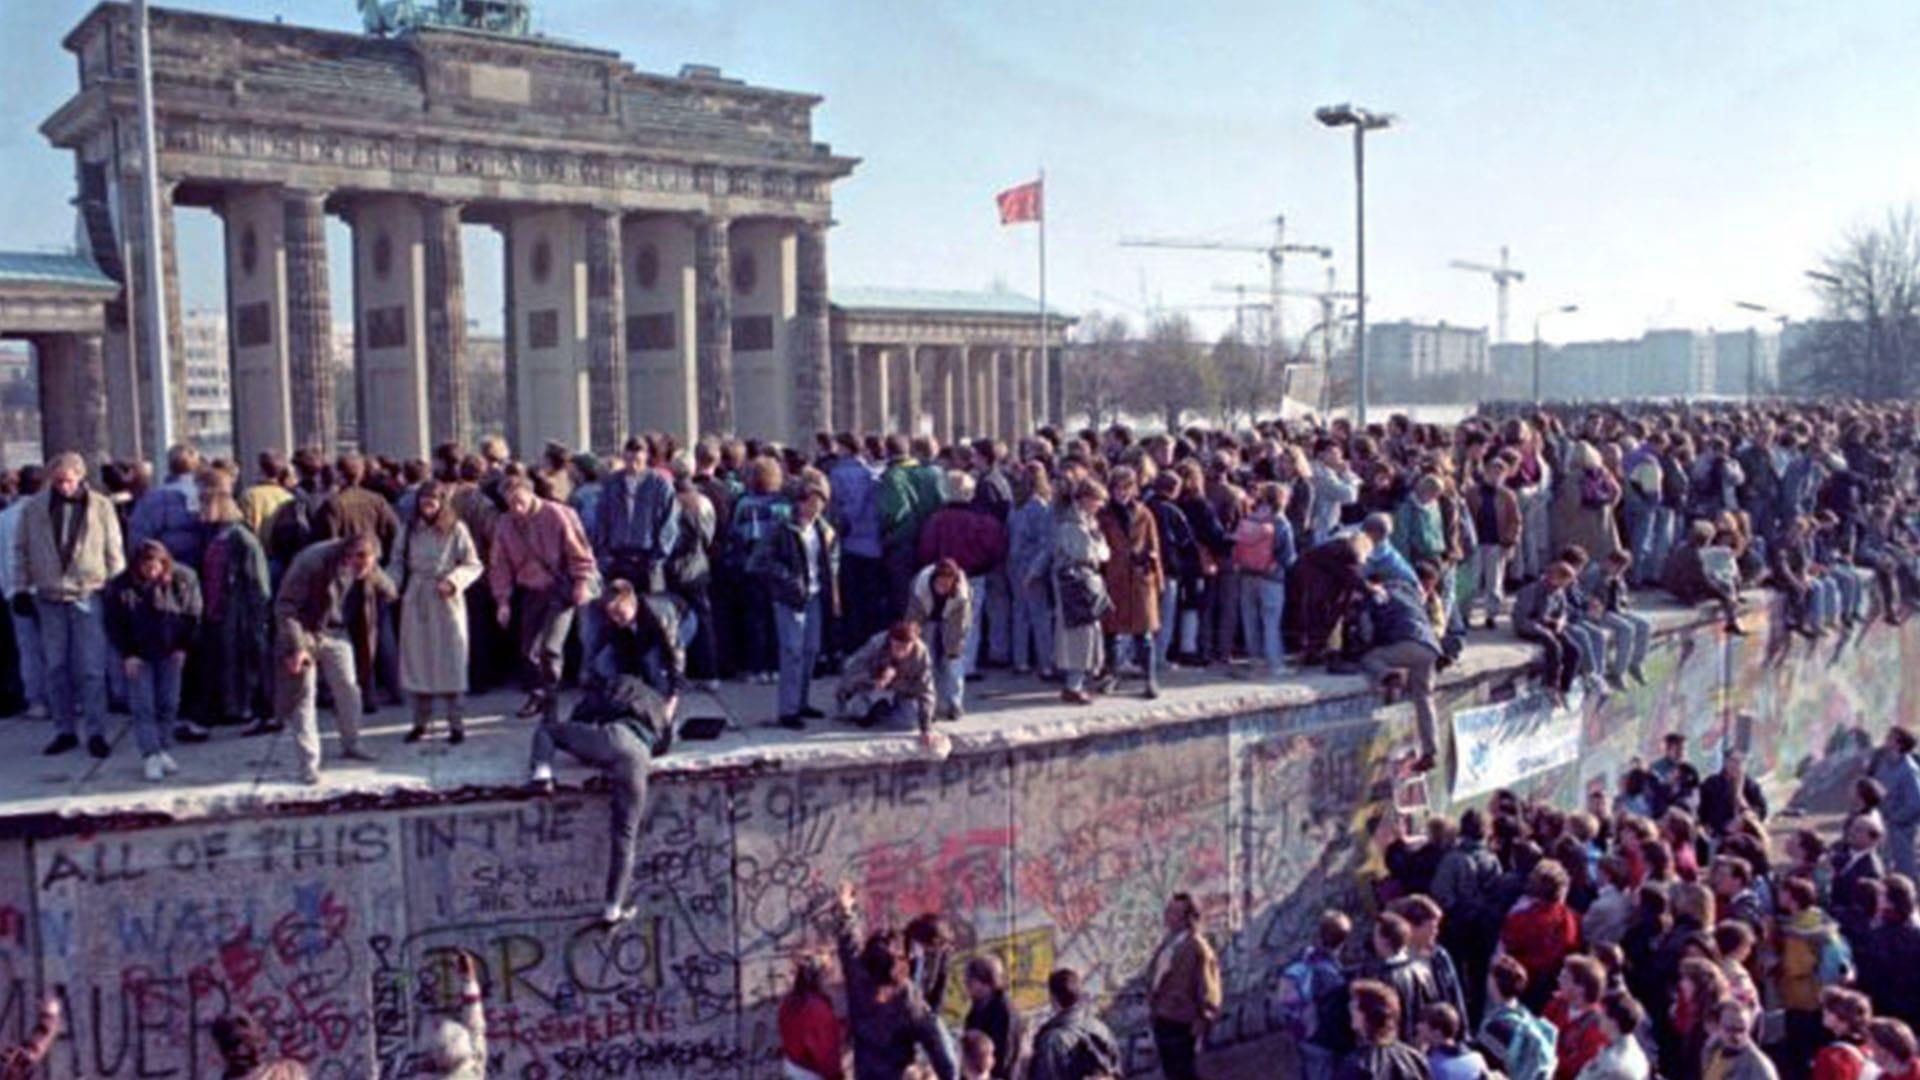 La folla si è riversata in strada quando è caduto il Muro di Berlino